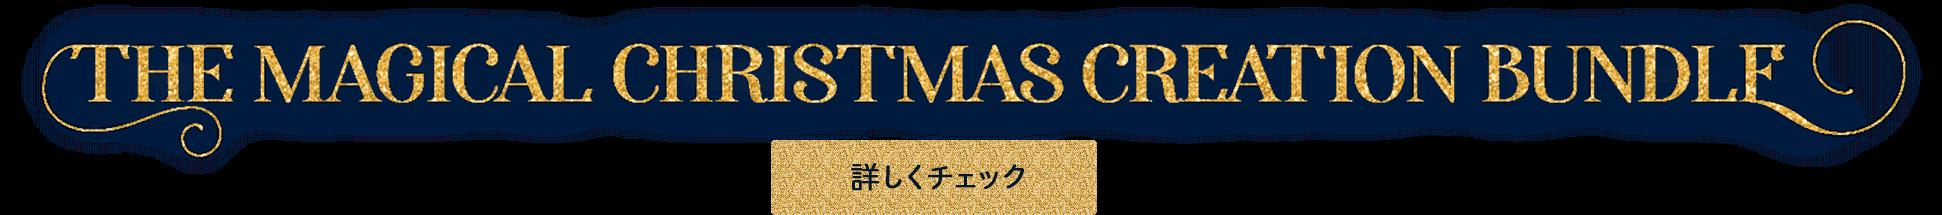 【1週間限定】クリスマスを彩る!プロ仕様の豪華デザイン素材セットが98%オフのお買い得セール中 | Design Cuts